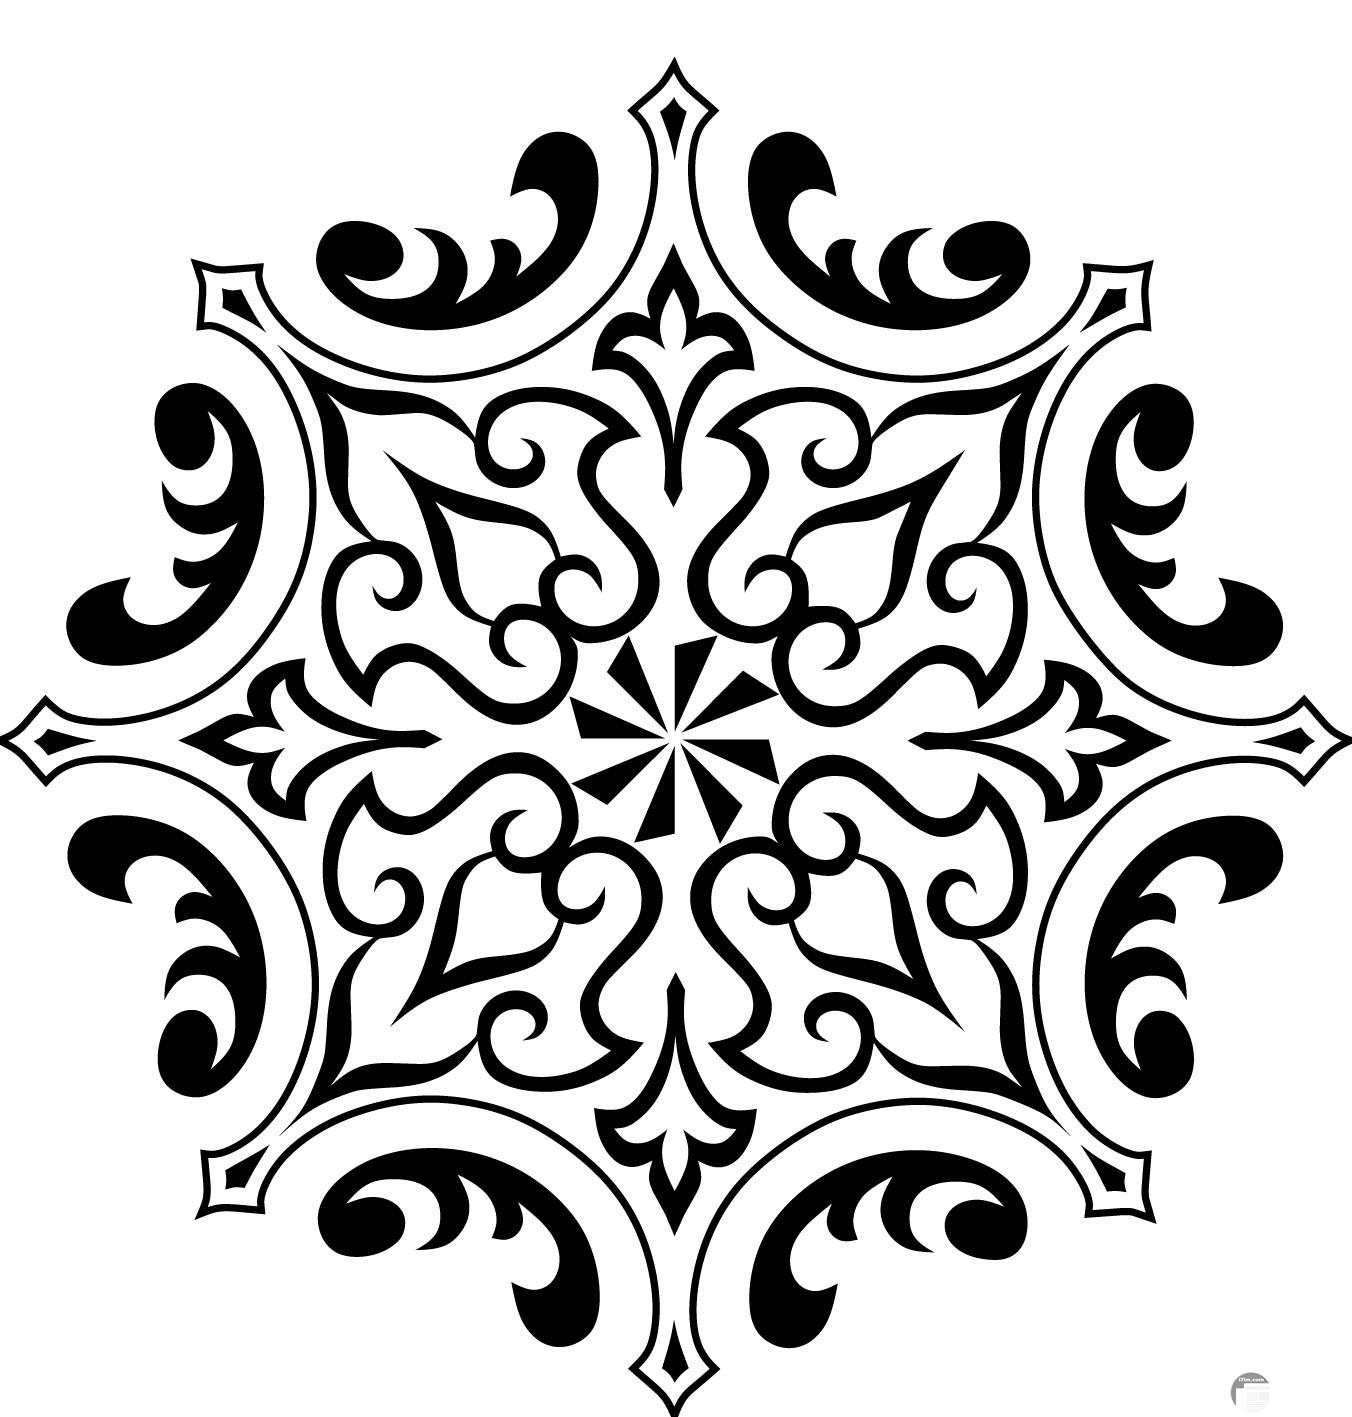 شكل جميل للزخارف الاسلامية جميل جدا